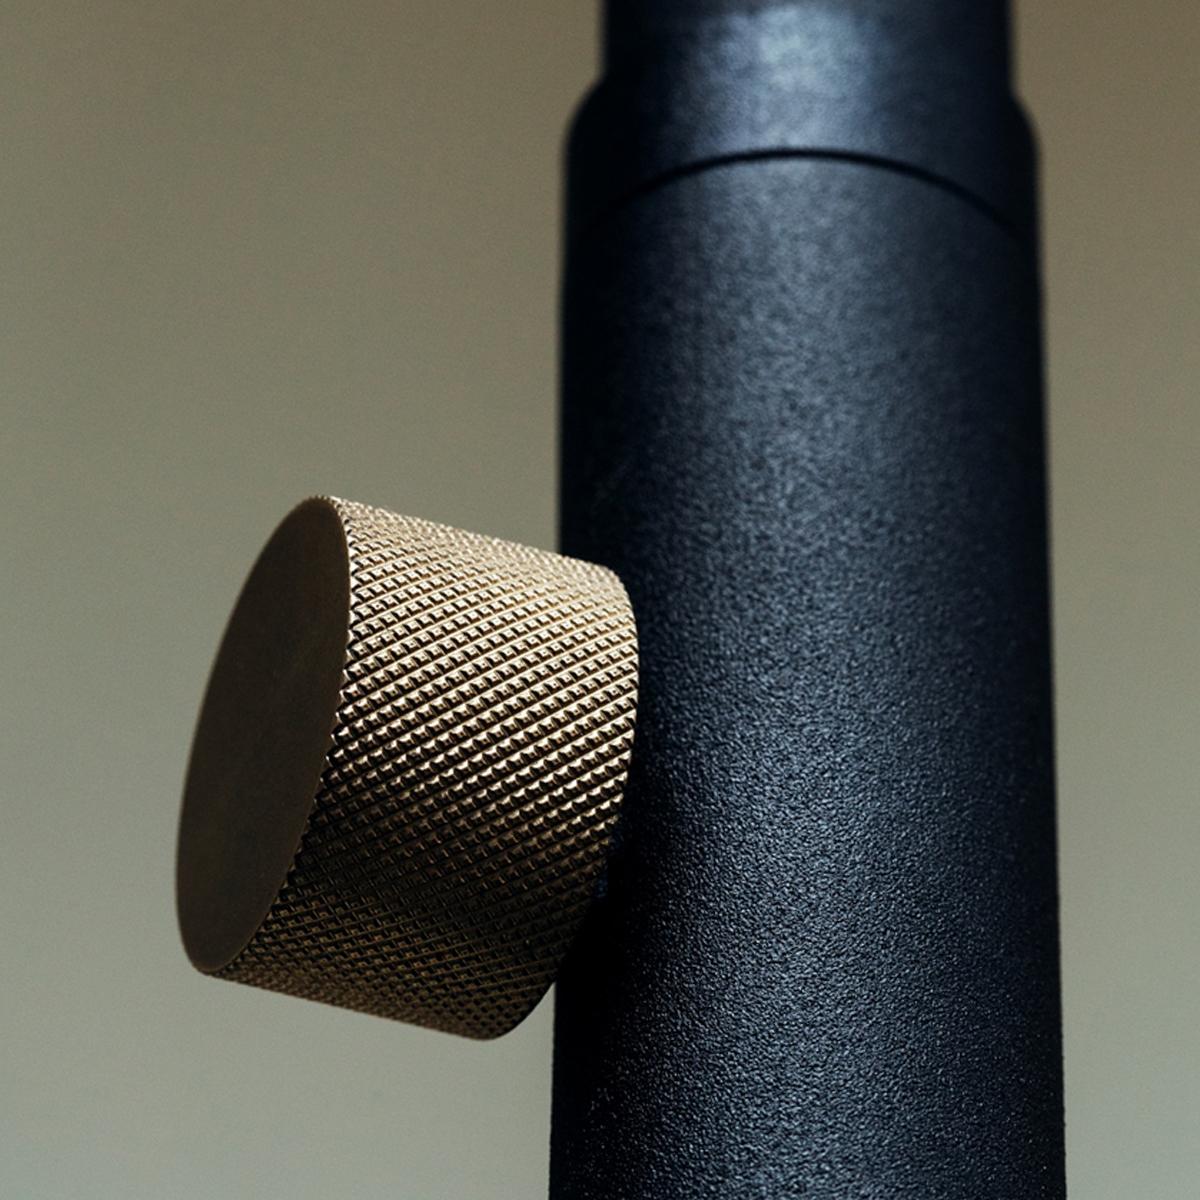 2.付属の真鍮製キリねじをねじ込んで固定|照明とテーブルがセットできる「つっぱり棒」|DRAW A LINE ランプシリーズ